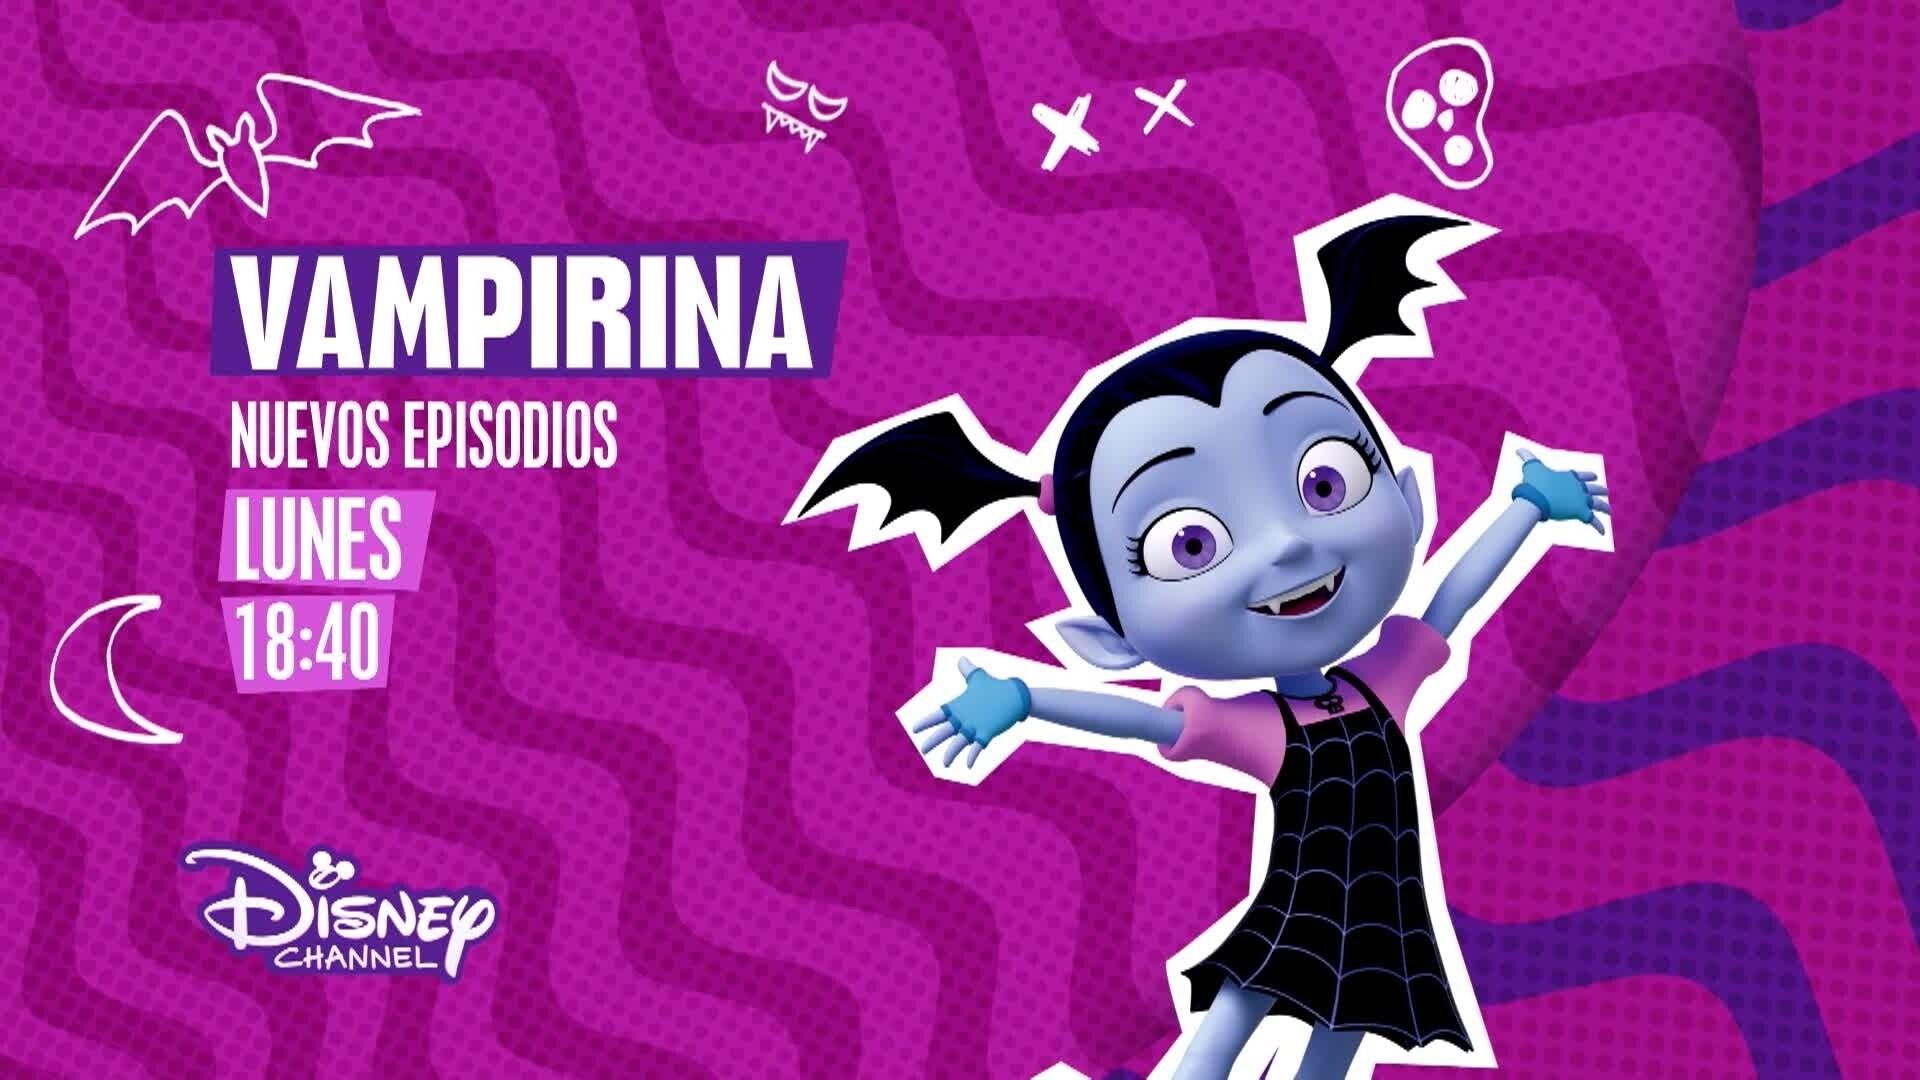 """¡Nuevos episodios de """"Vampirina"""" en Disney Channel!"""